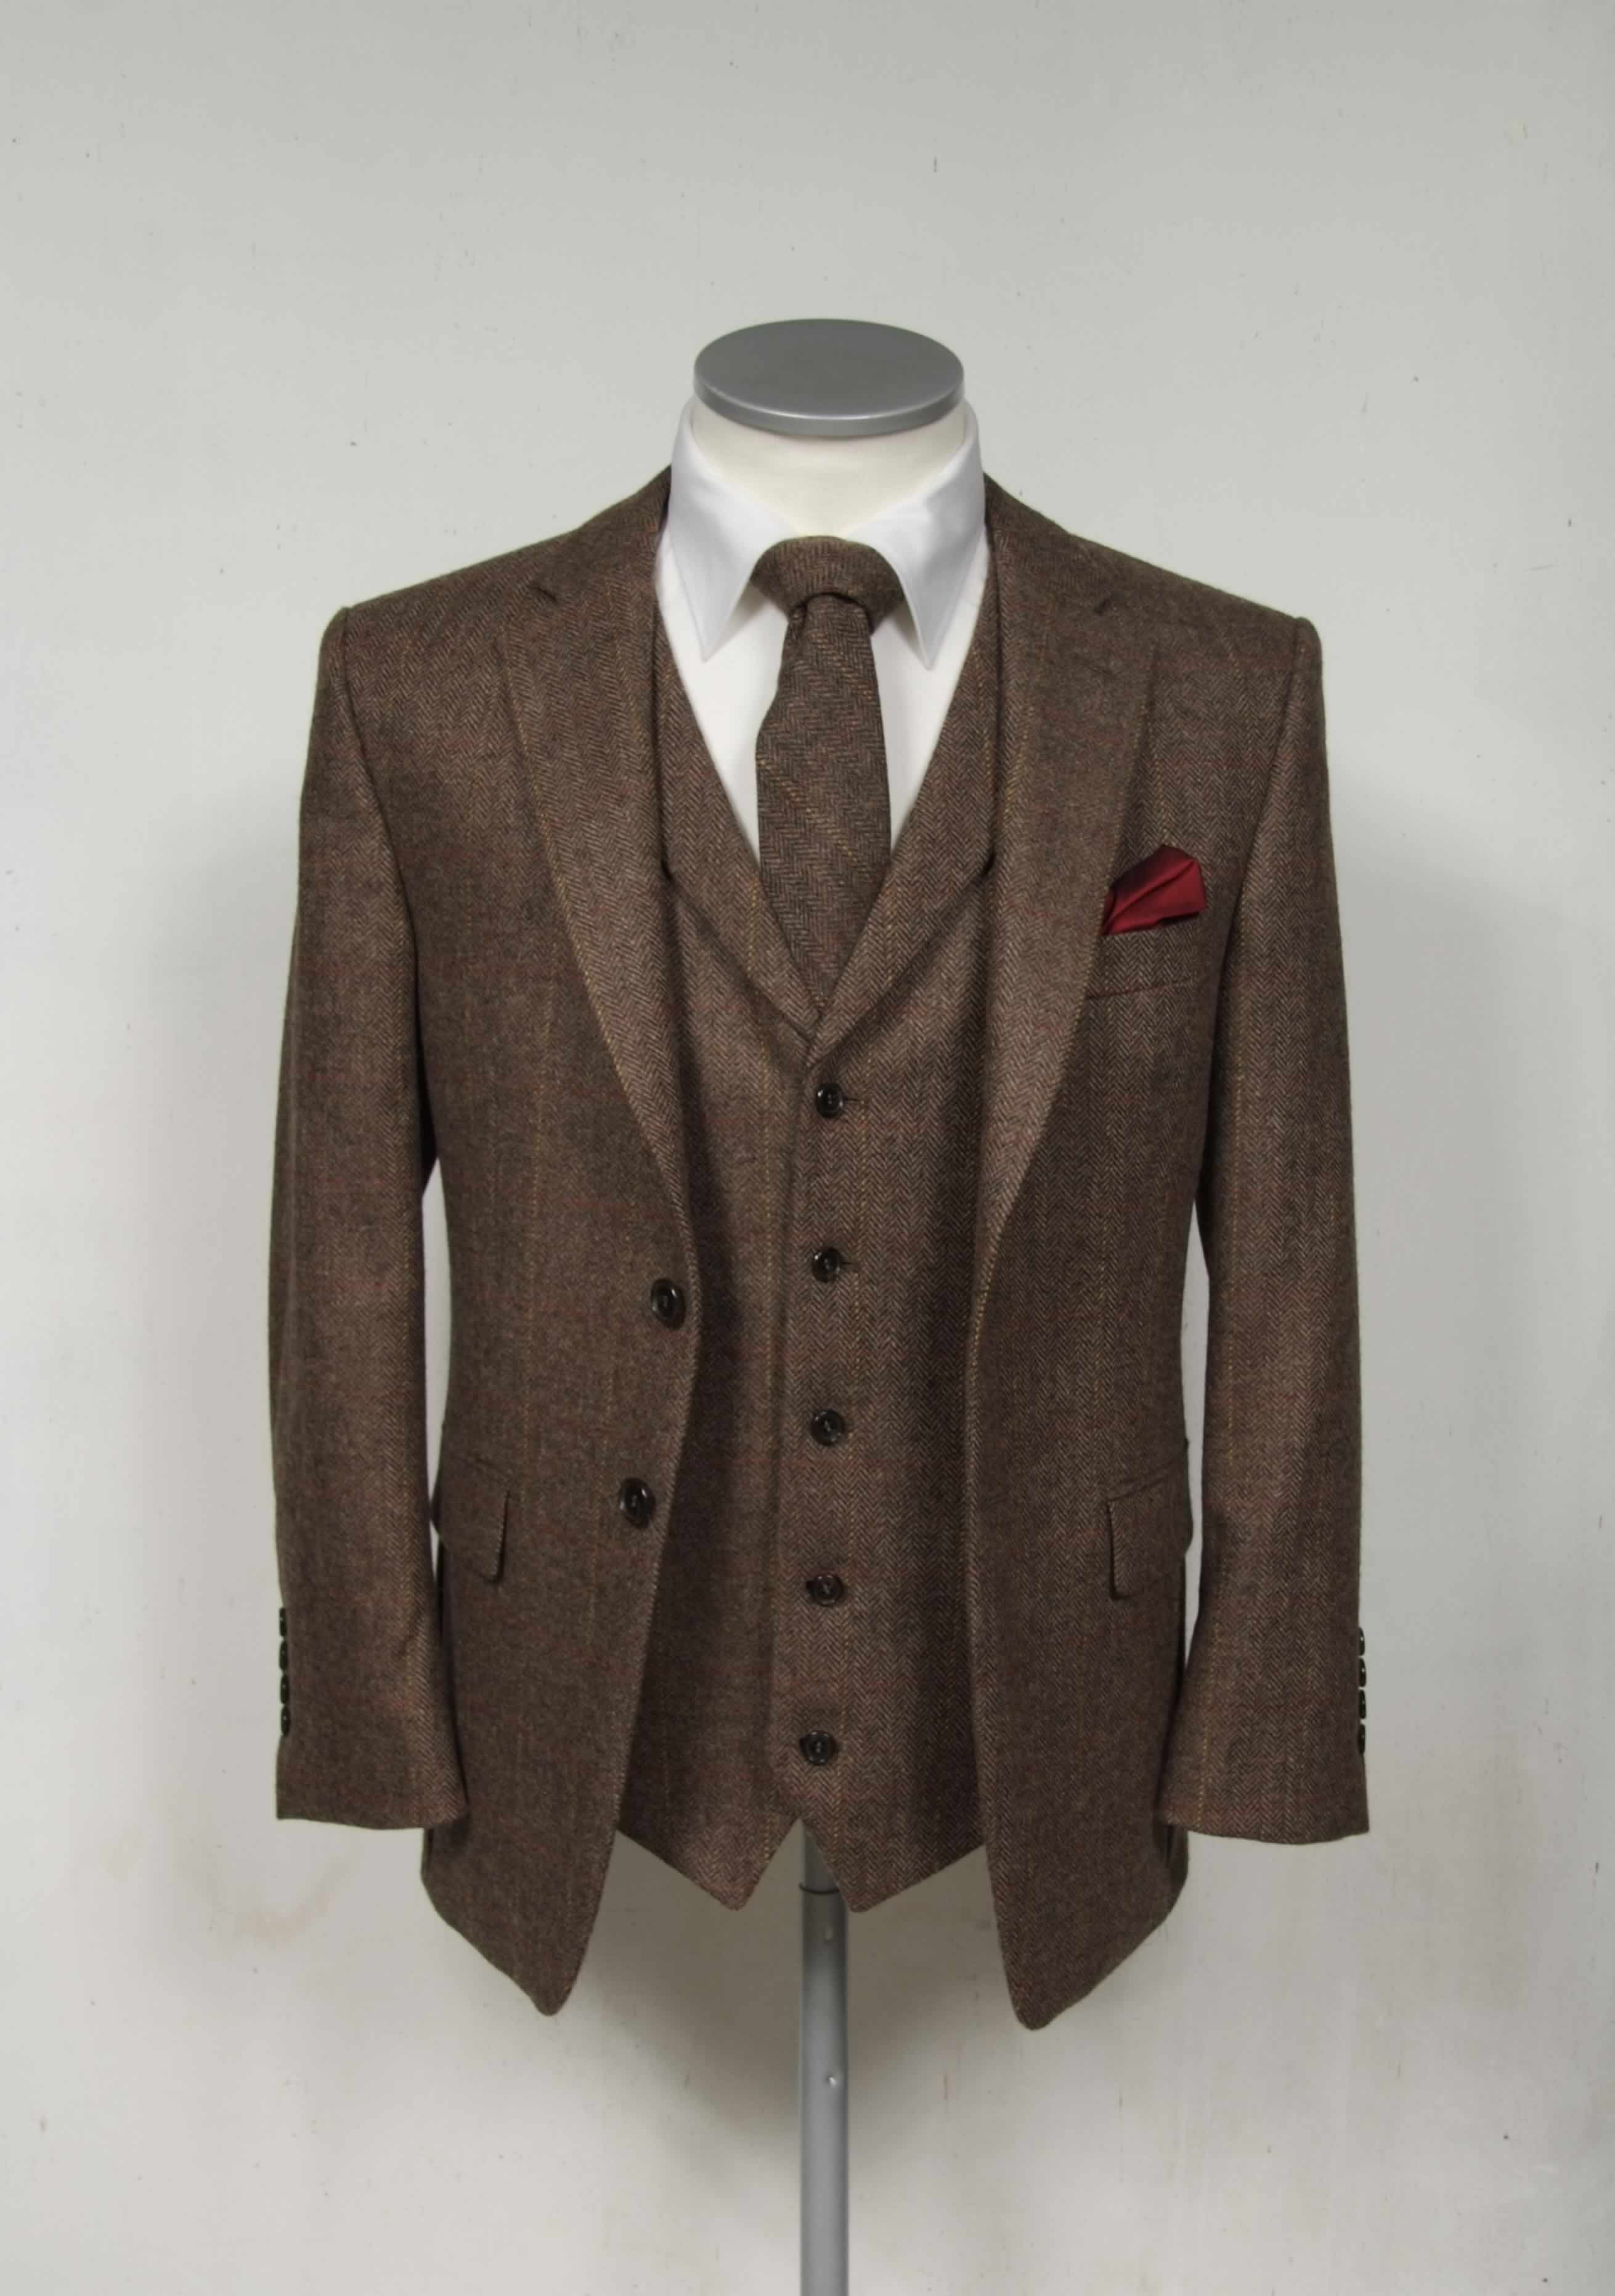 Burgundy Men/'s Classic Vintage Slim Fit Tweed Suits Wedding Dinner Suits Custom